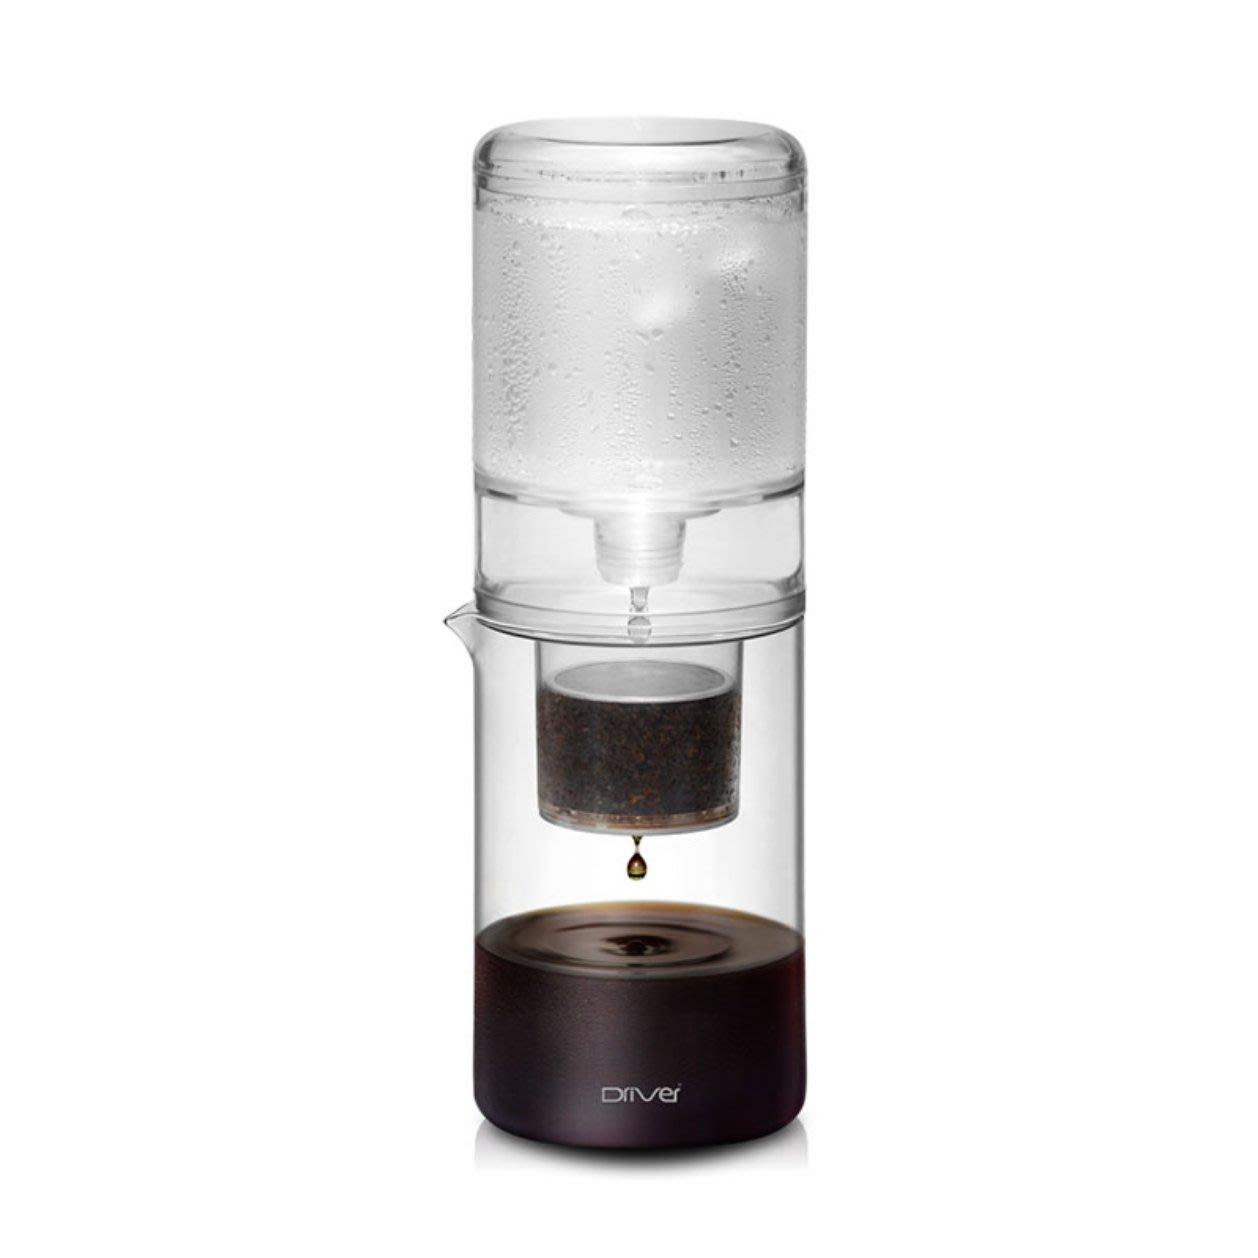 【沐湛伍零貳】Driver NEW 設計款冰滴 600ml 調整閥全新升級 透明色 冰滴咖啡 冰釀咖啡 咖啡壺